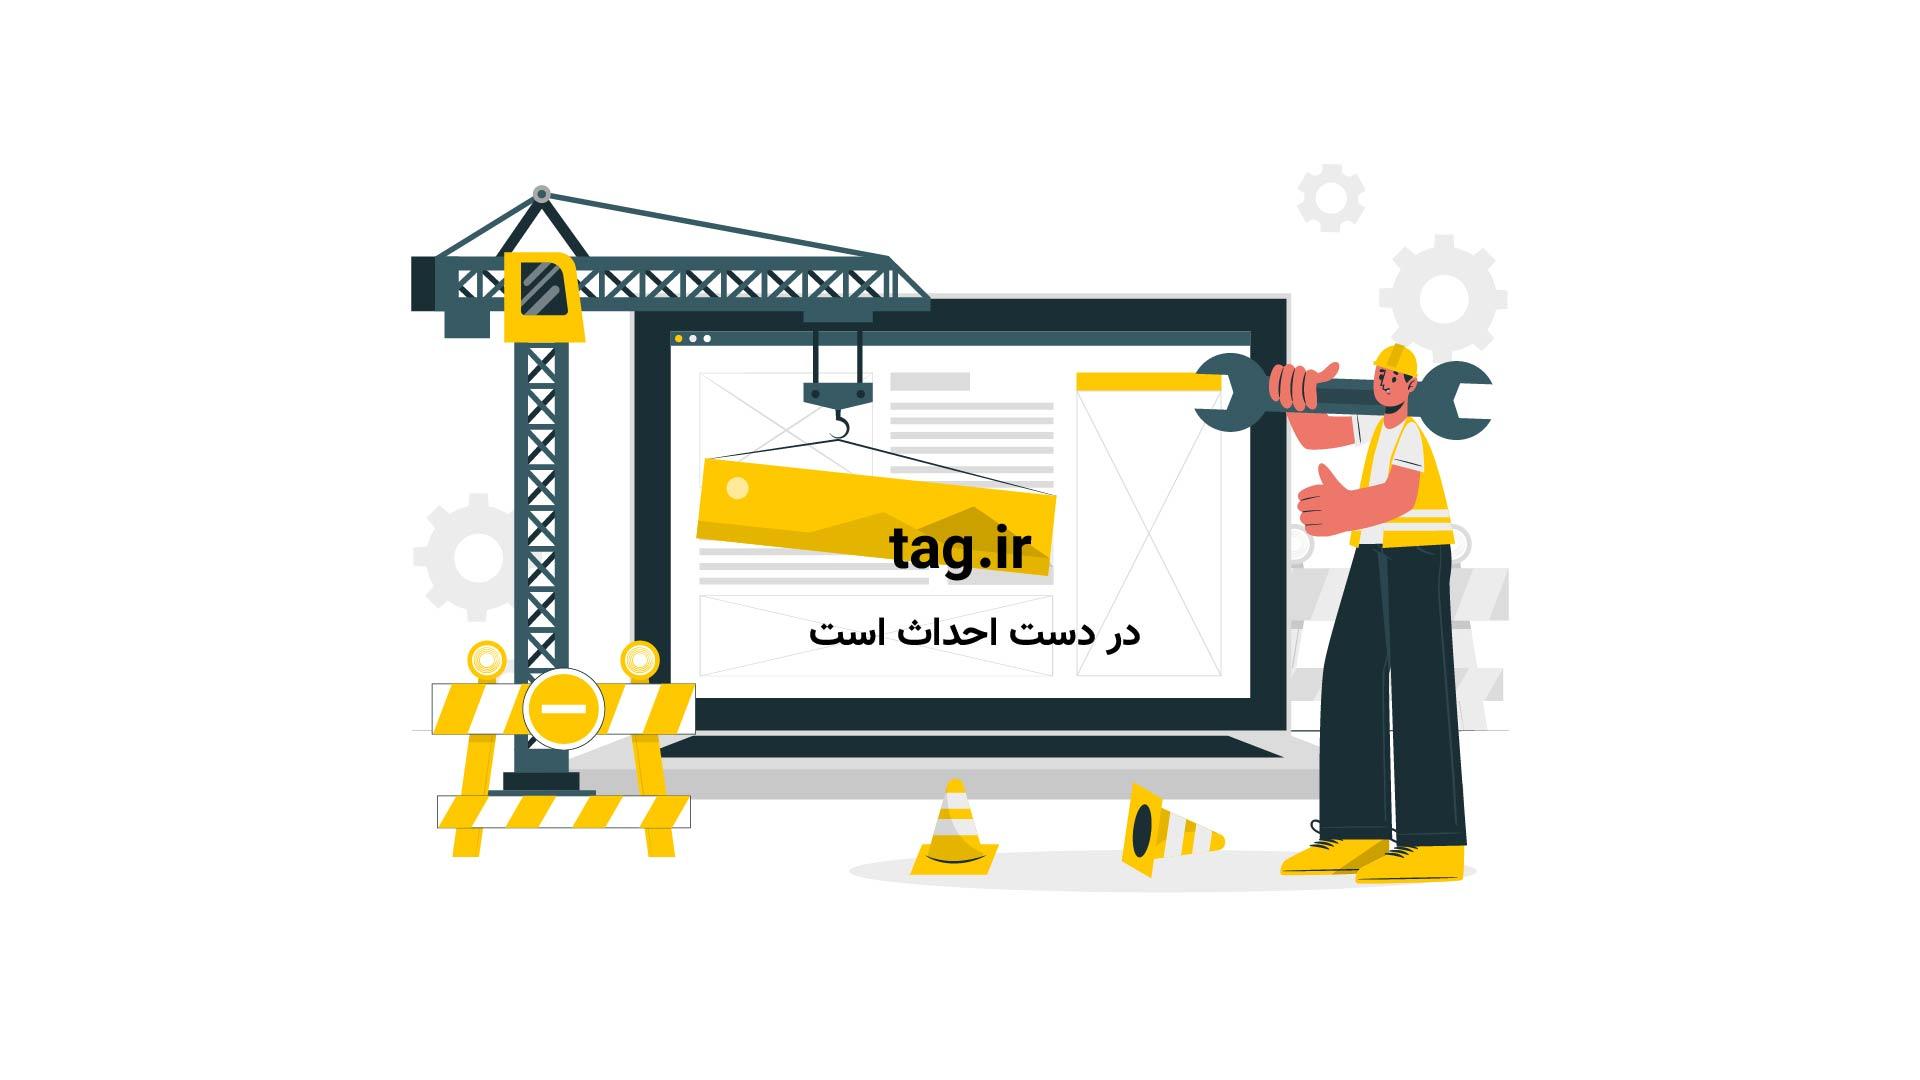 عناوین روزنامه های اقتصادی پنجشنبه 25 خرداد | فیلم